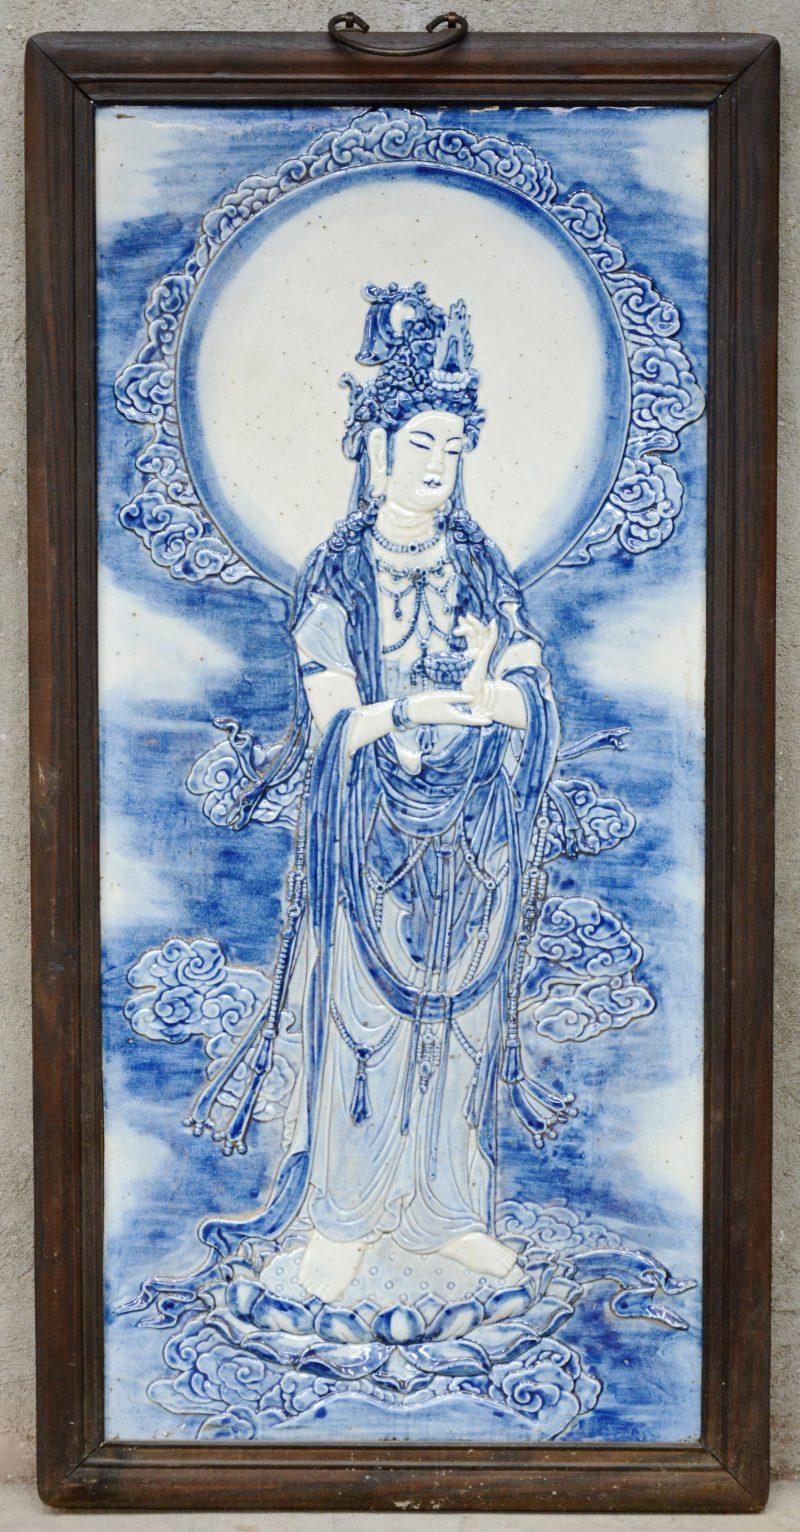 Een Chinese wandplaquette van blauw en wit porselein met een voorstelling van een Guanyin in reliëf. In houten lijst.